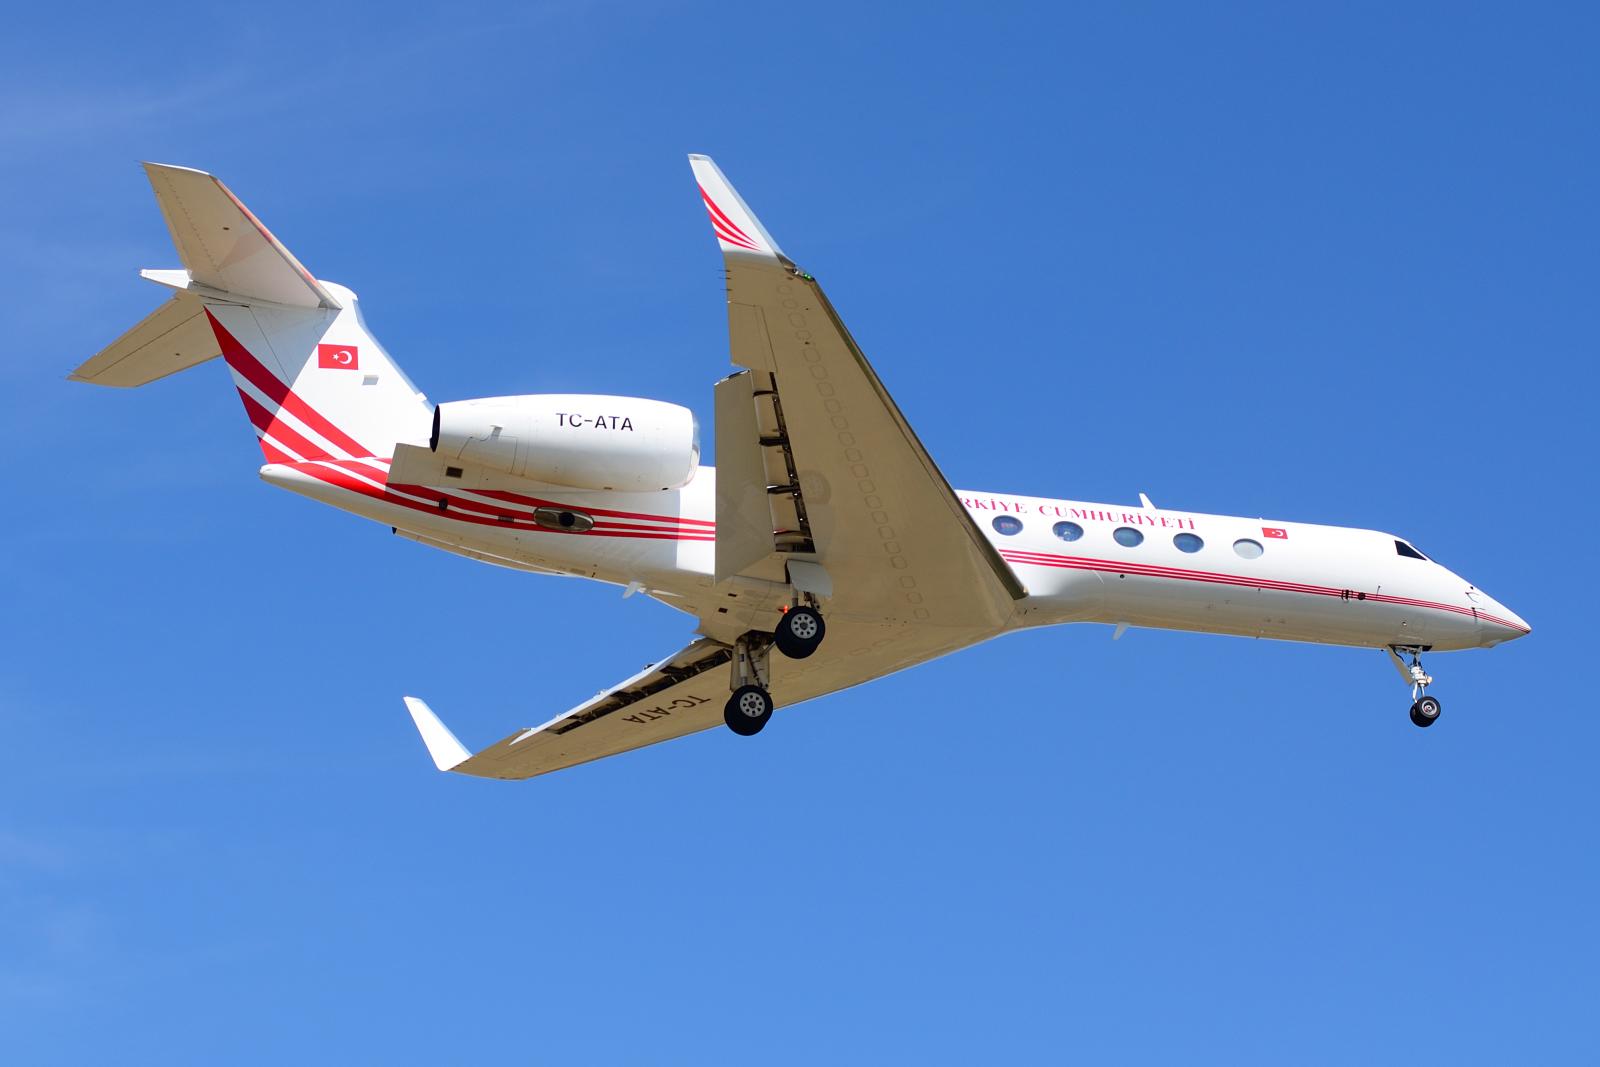 Gulfstream G550, TC-ATA